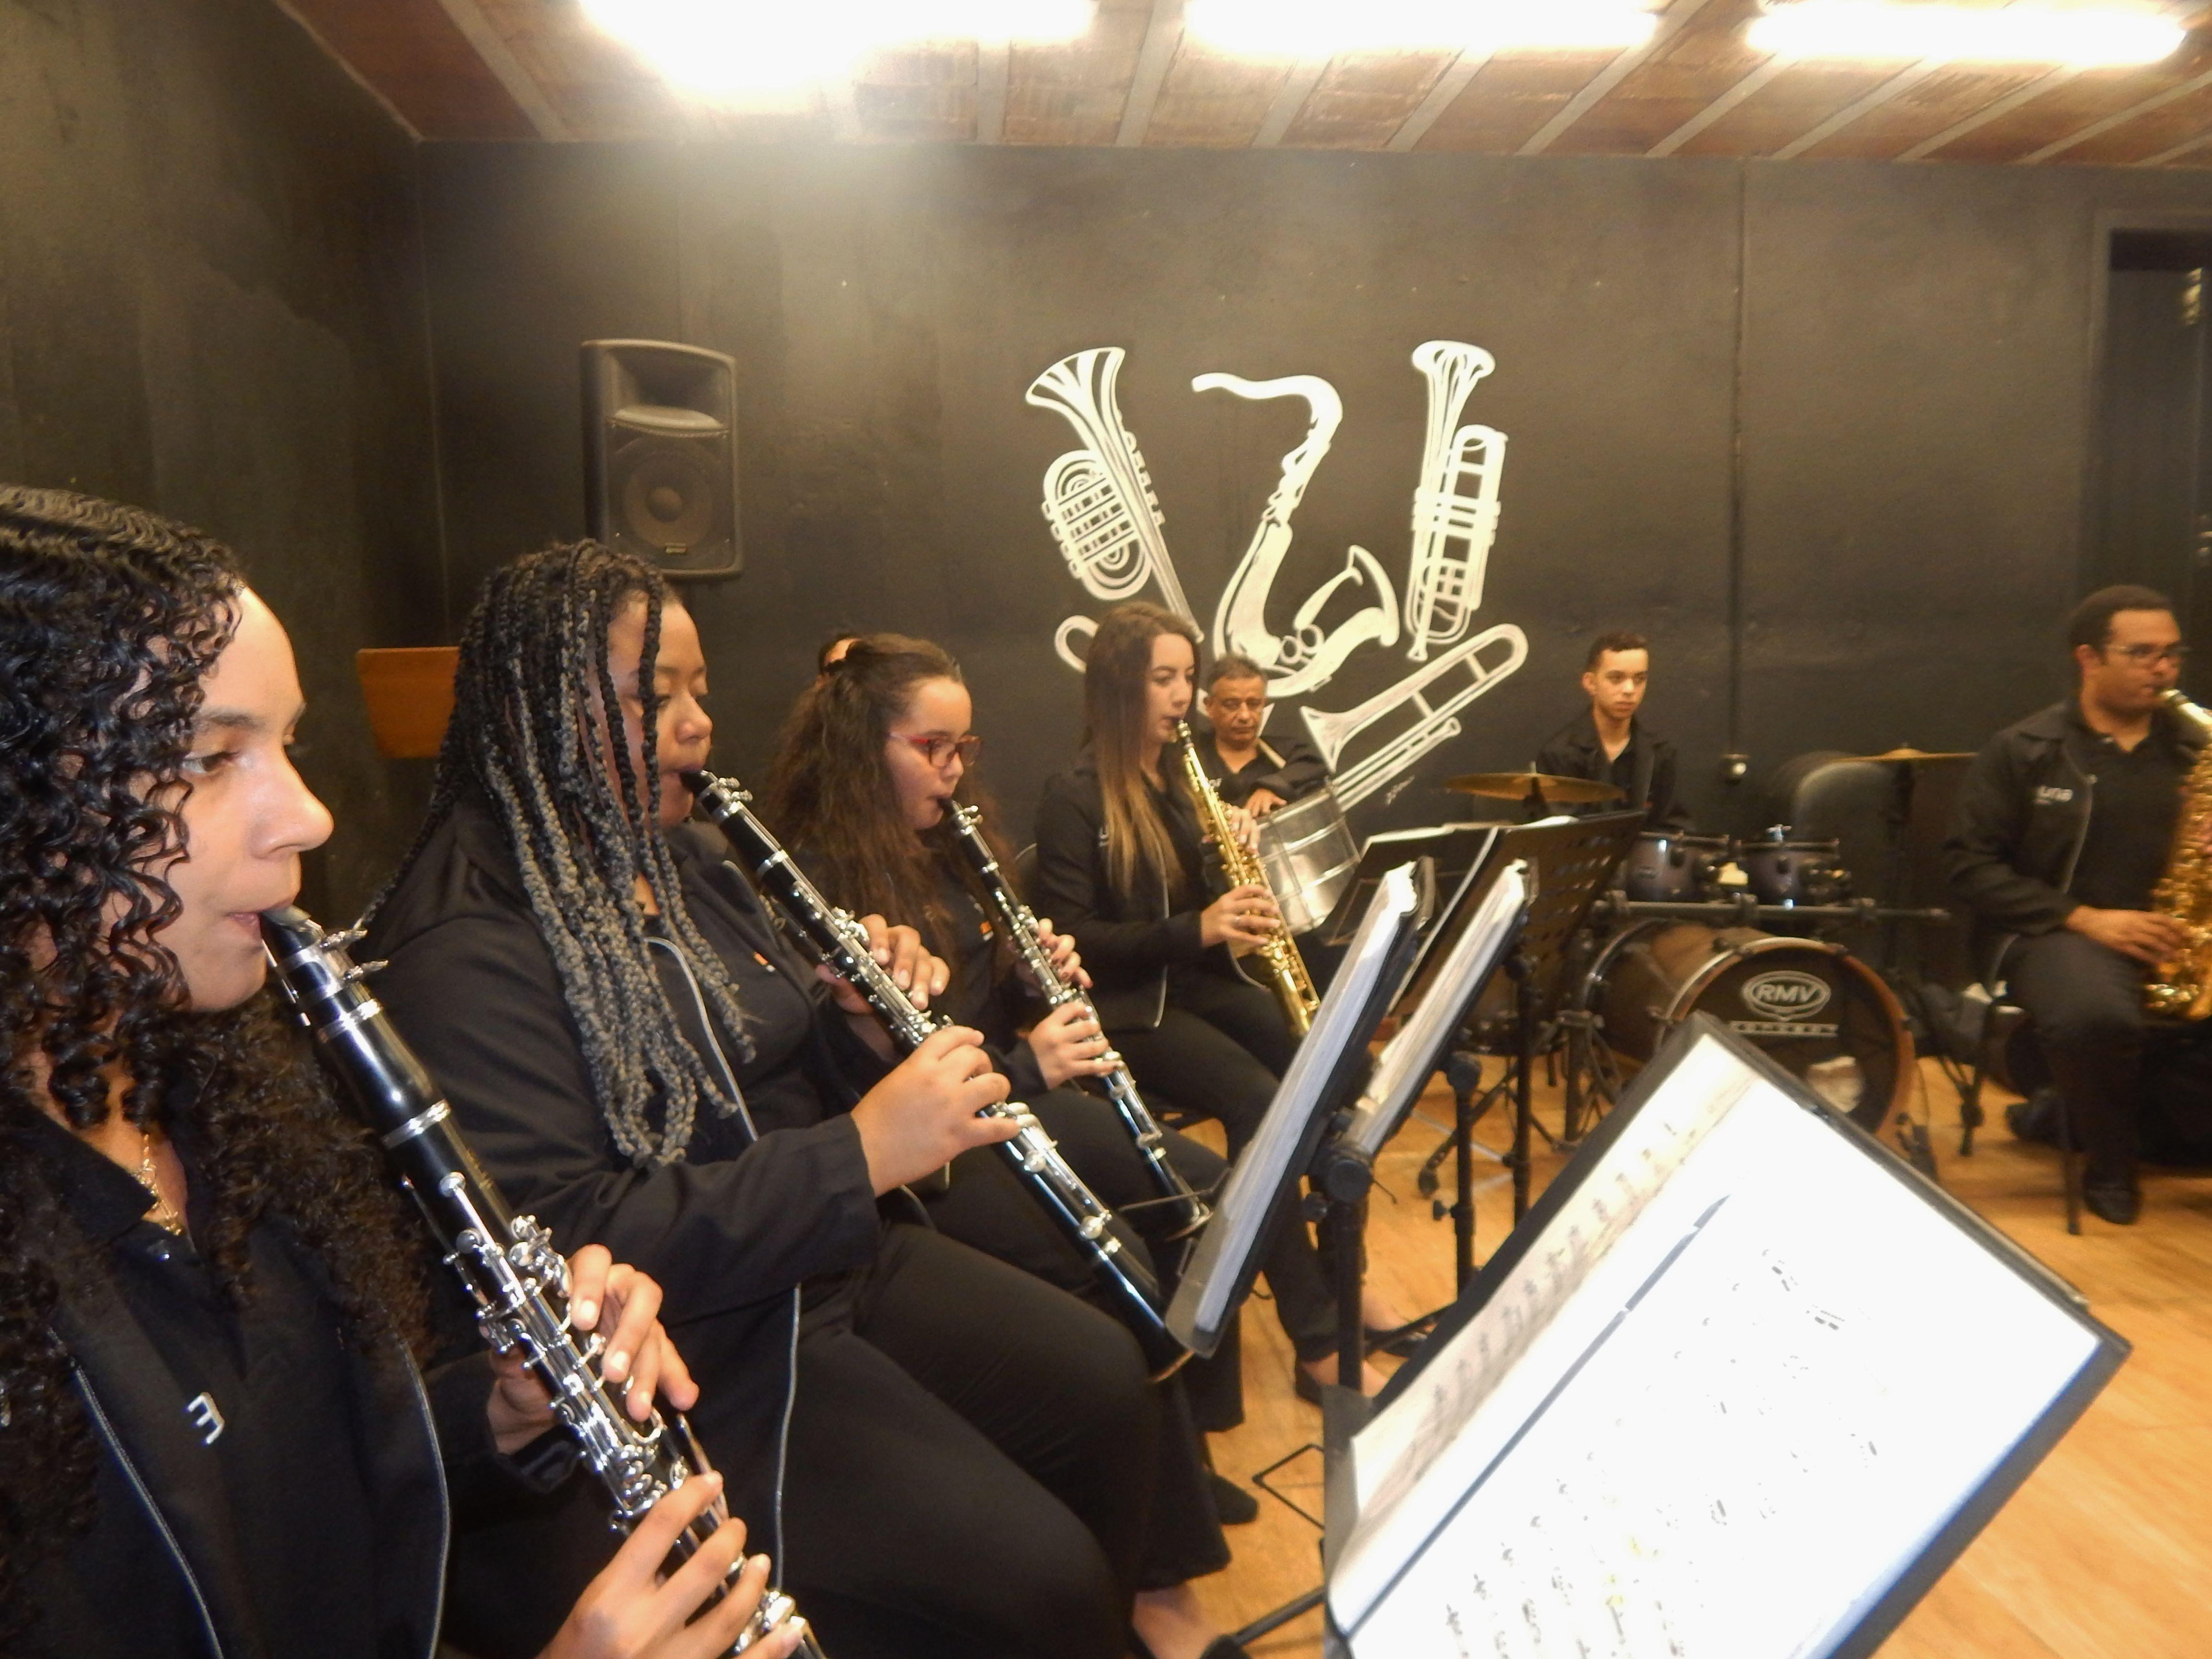 Banda São Sebastião Brumadinho cultura música BrazilFoundation Minas Gerais